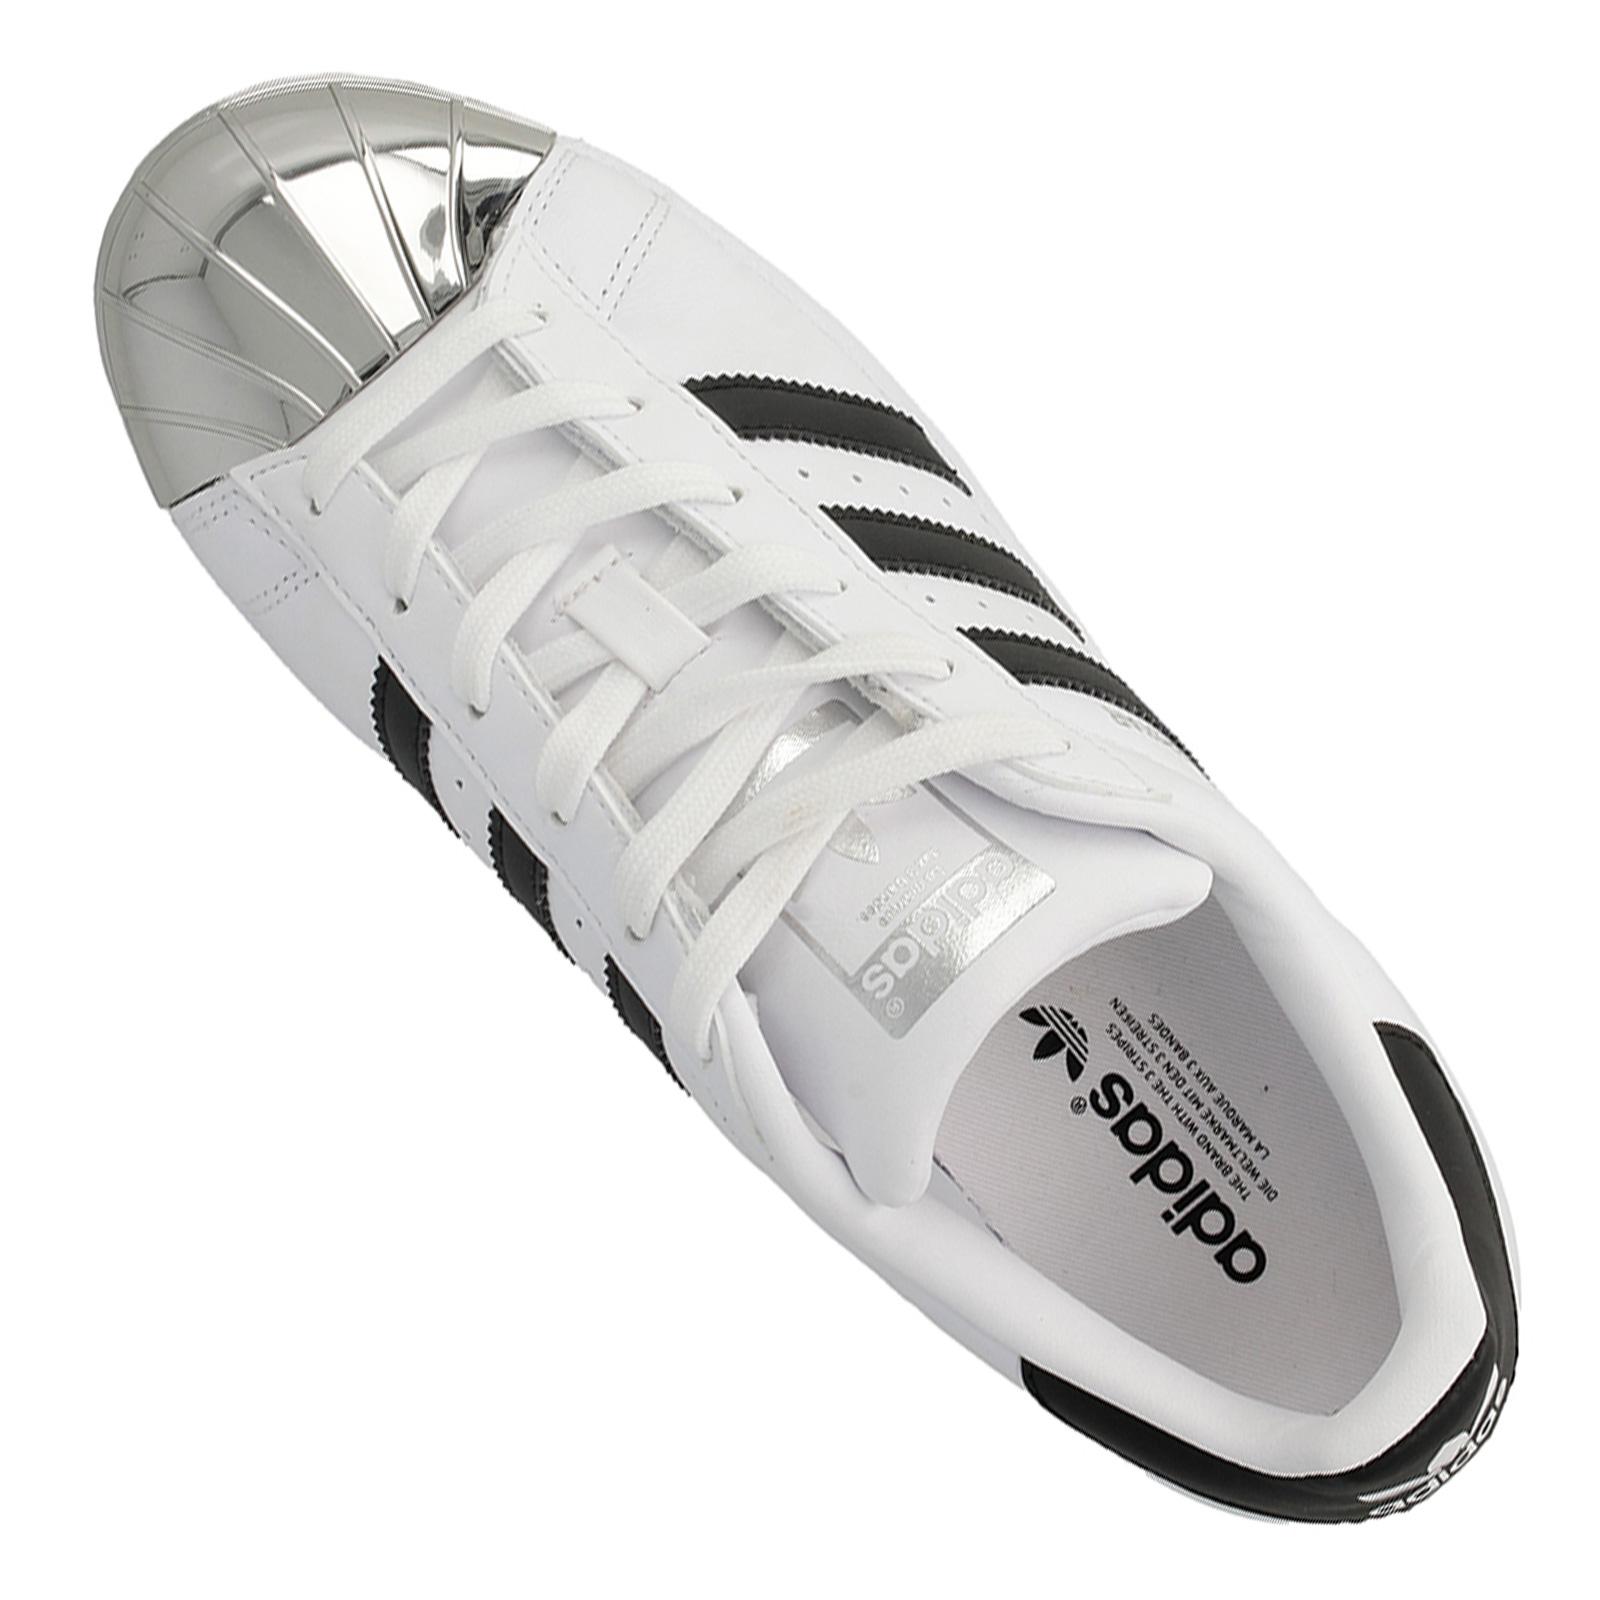 Detalles de Adidas Superstar Metal Toe BB5114 Zapatillas Zapatos Cuero Blanco y Negro Cromo